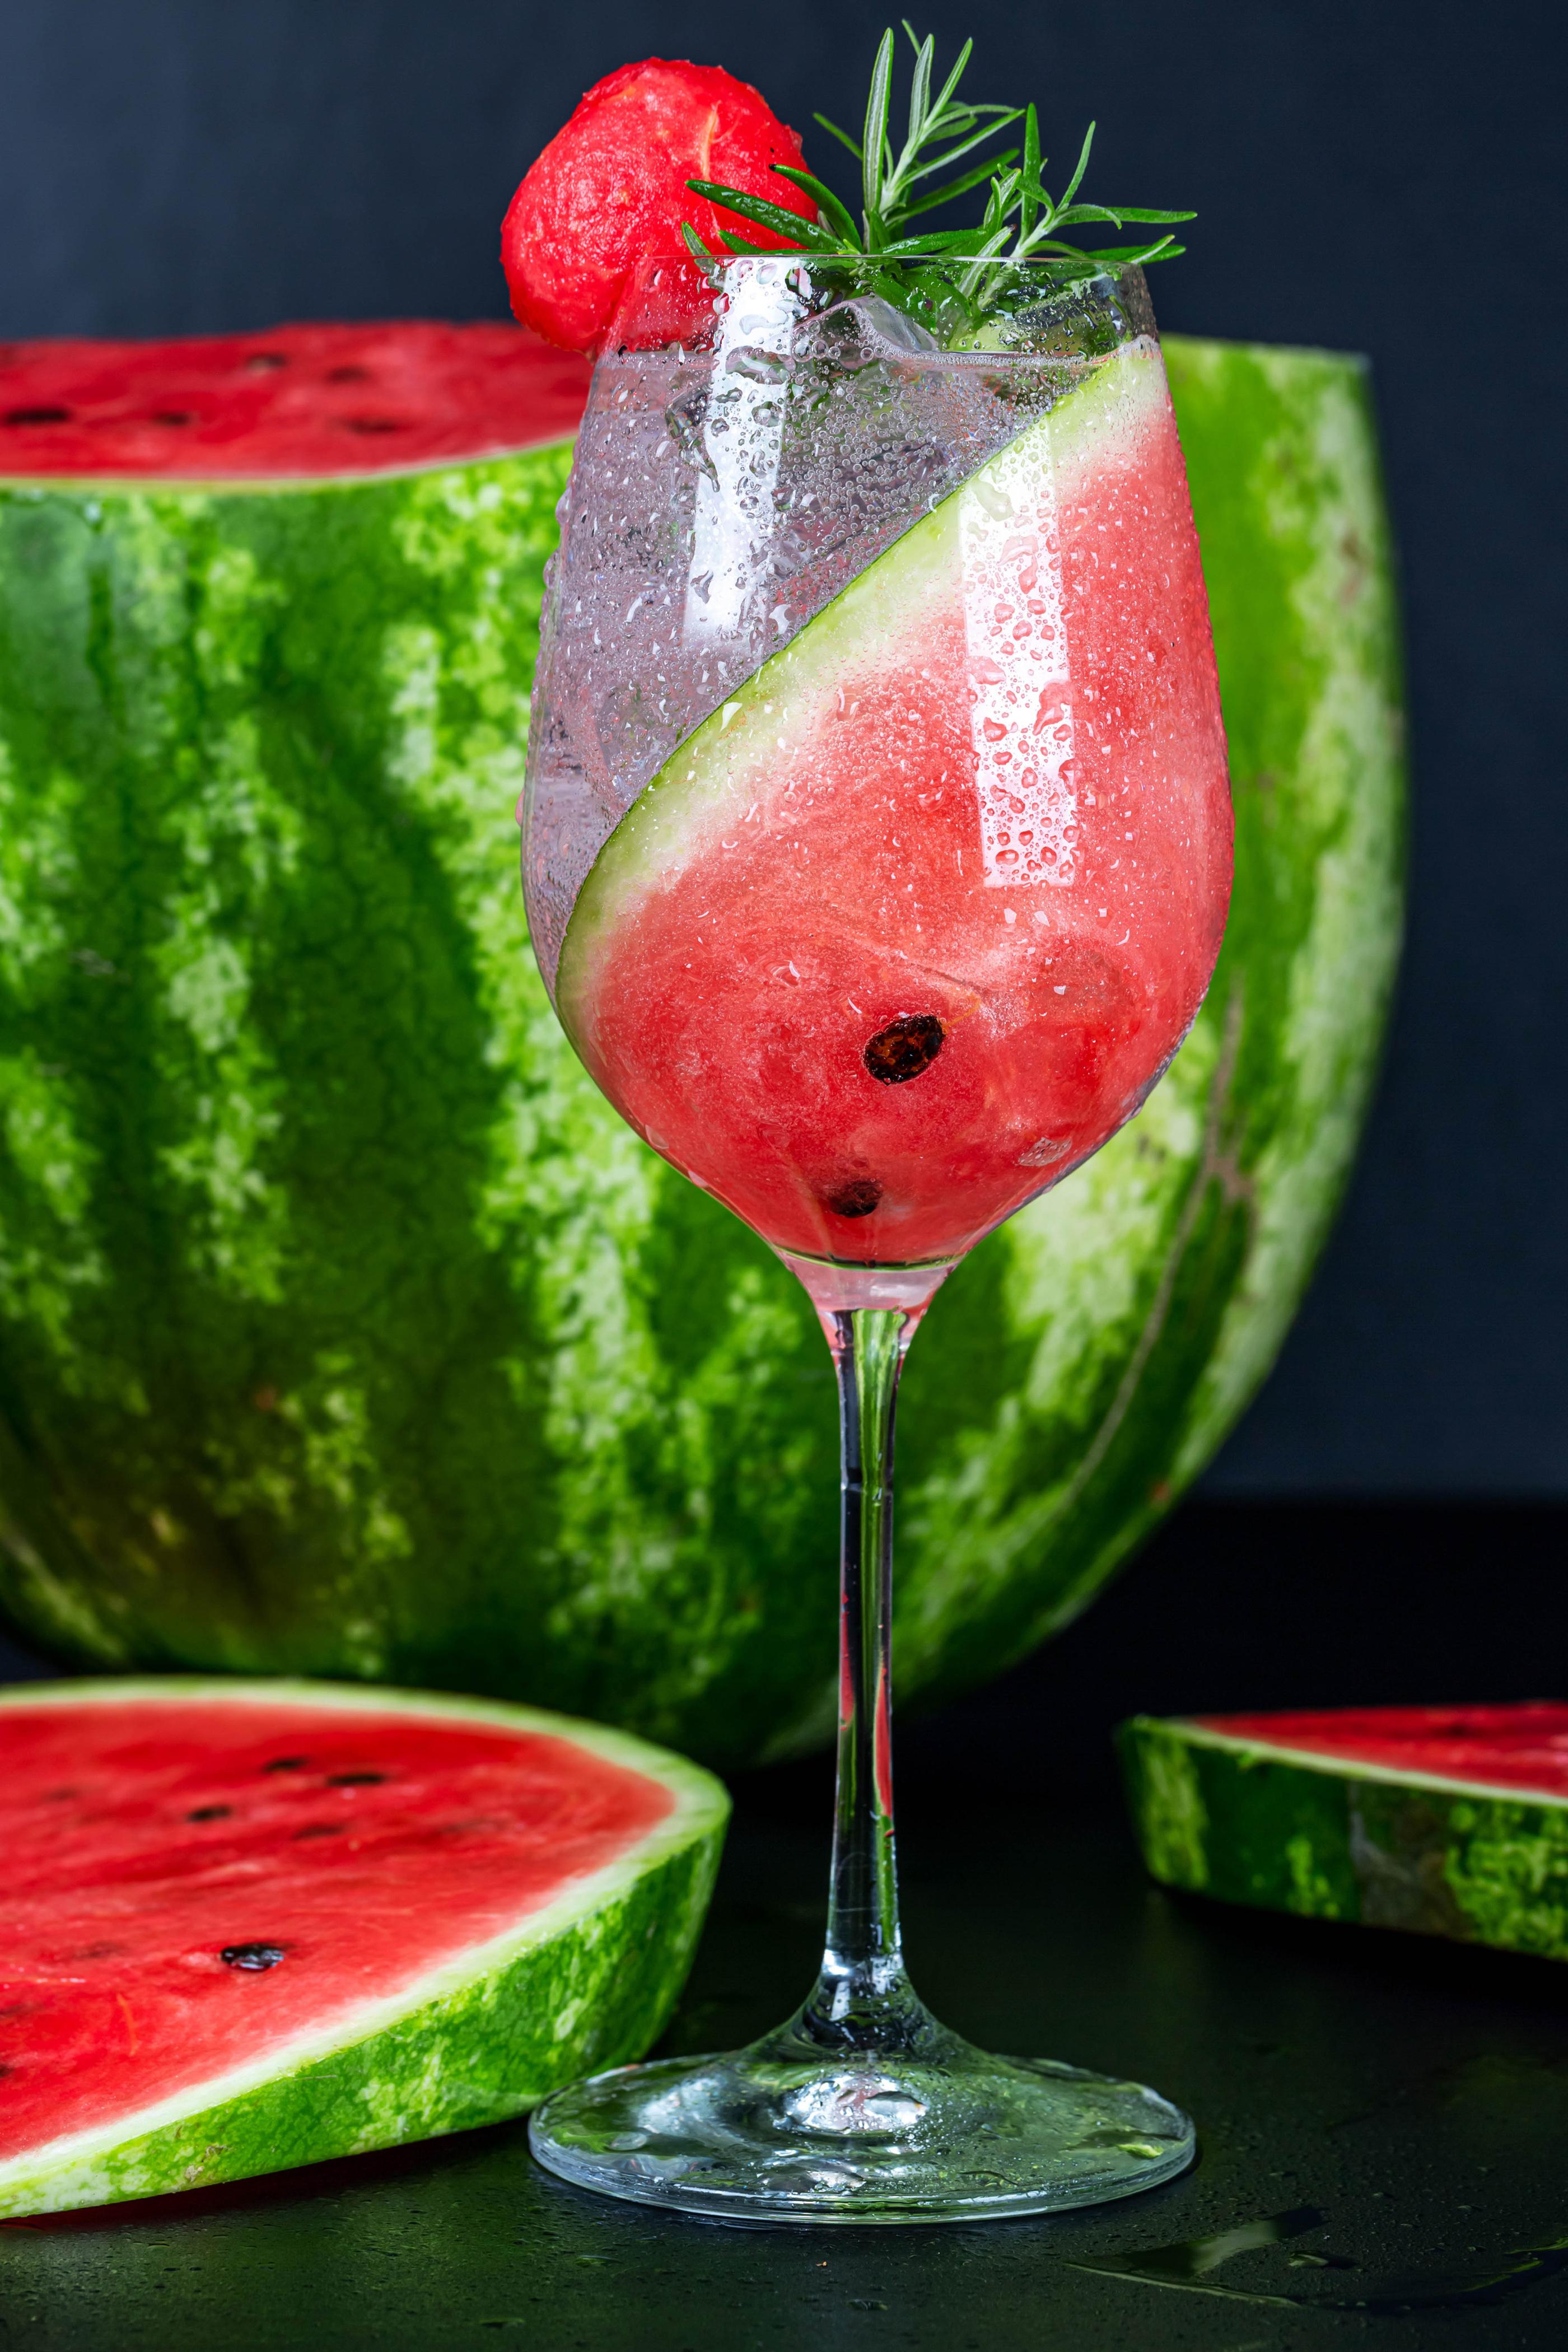 Фото Кусок Арбузы Бокалы Продукты питания Напитки  для мобильного телефона часть кусочек кусочки Еда Пища бокал напиток